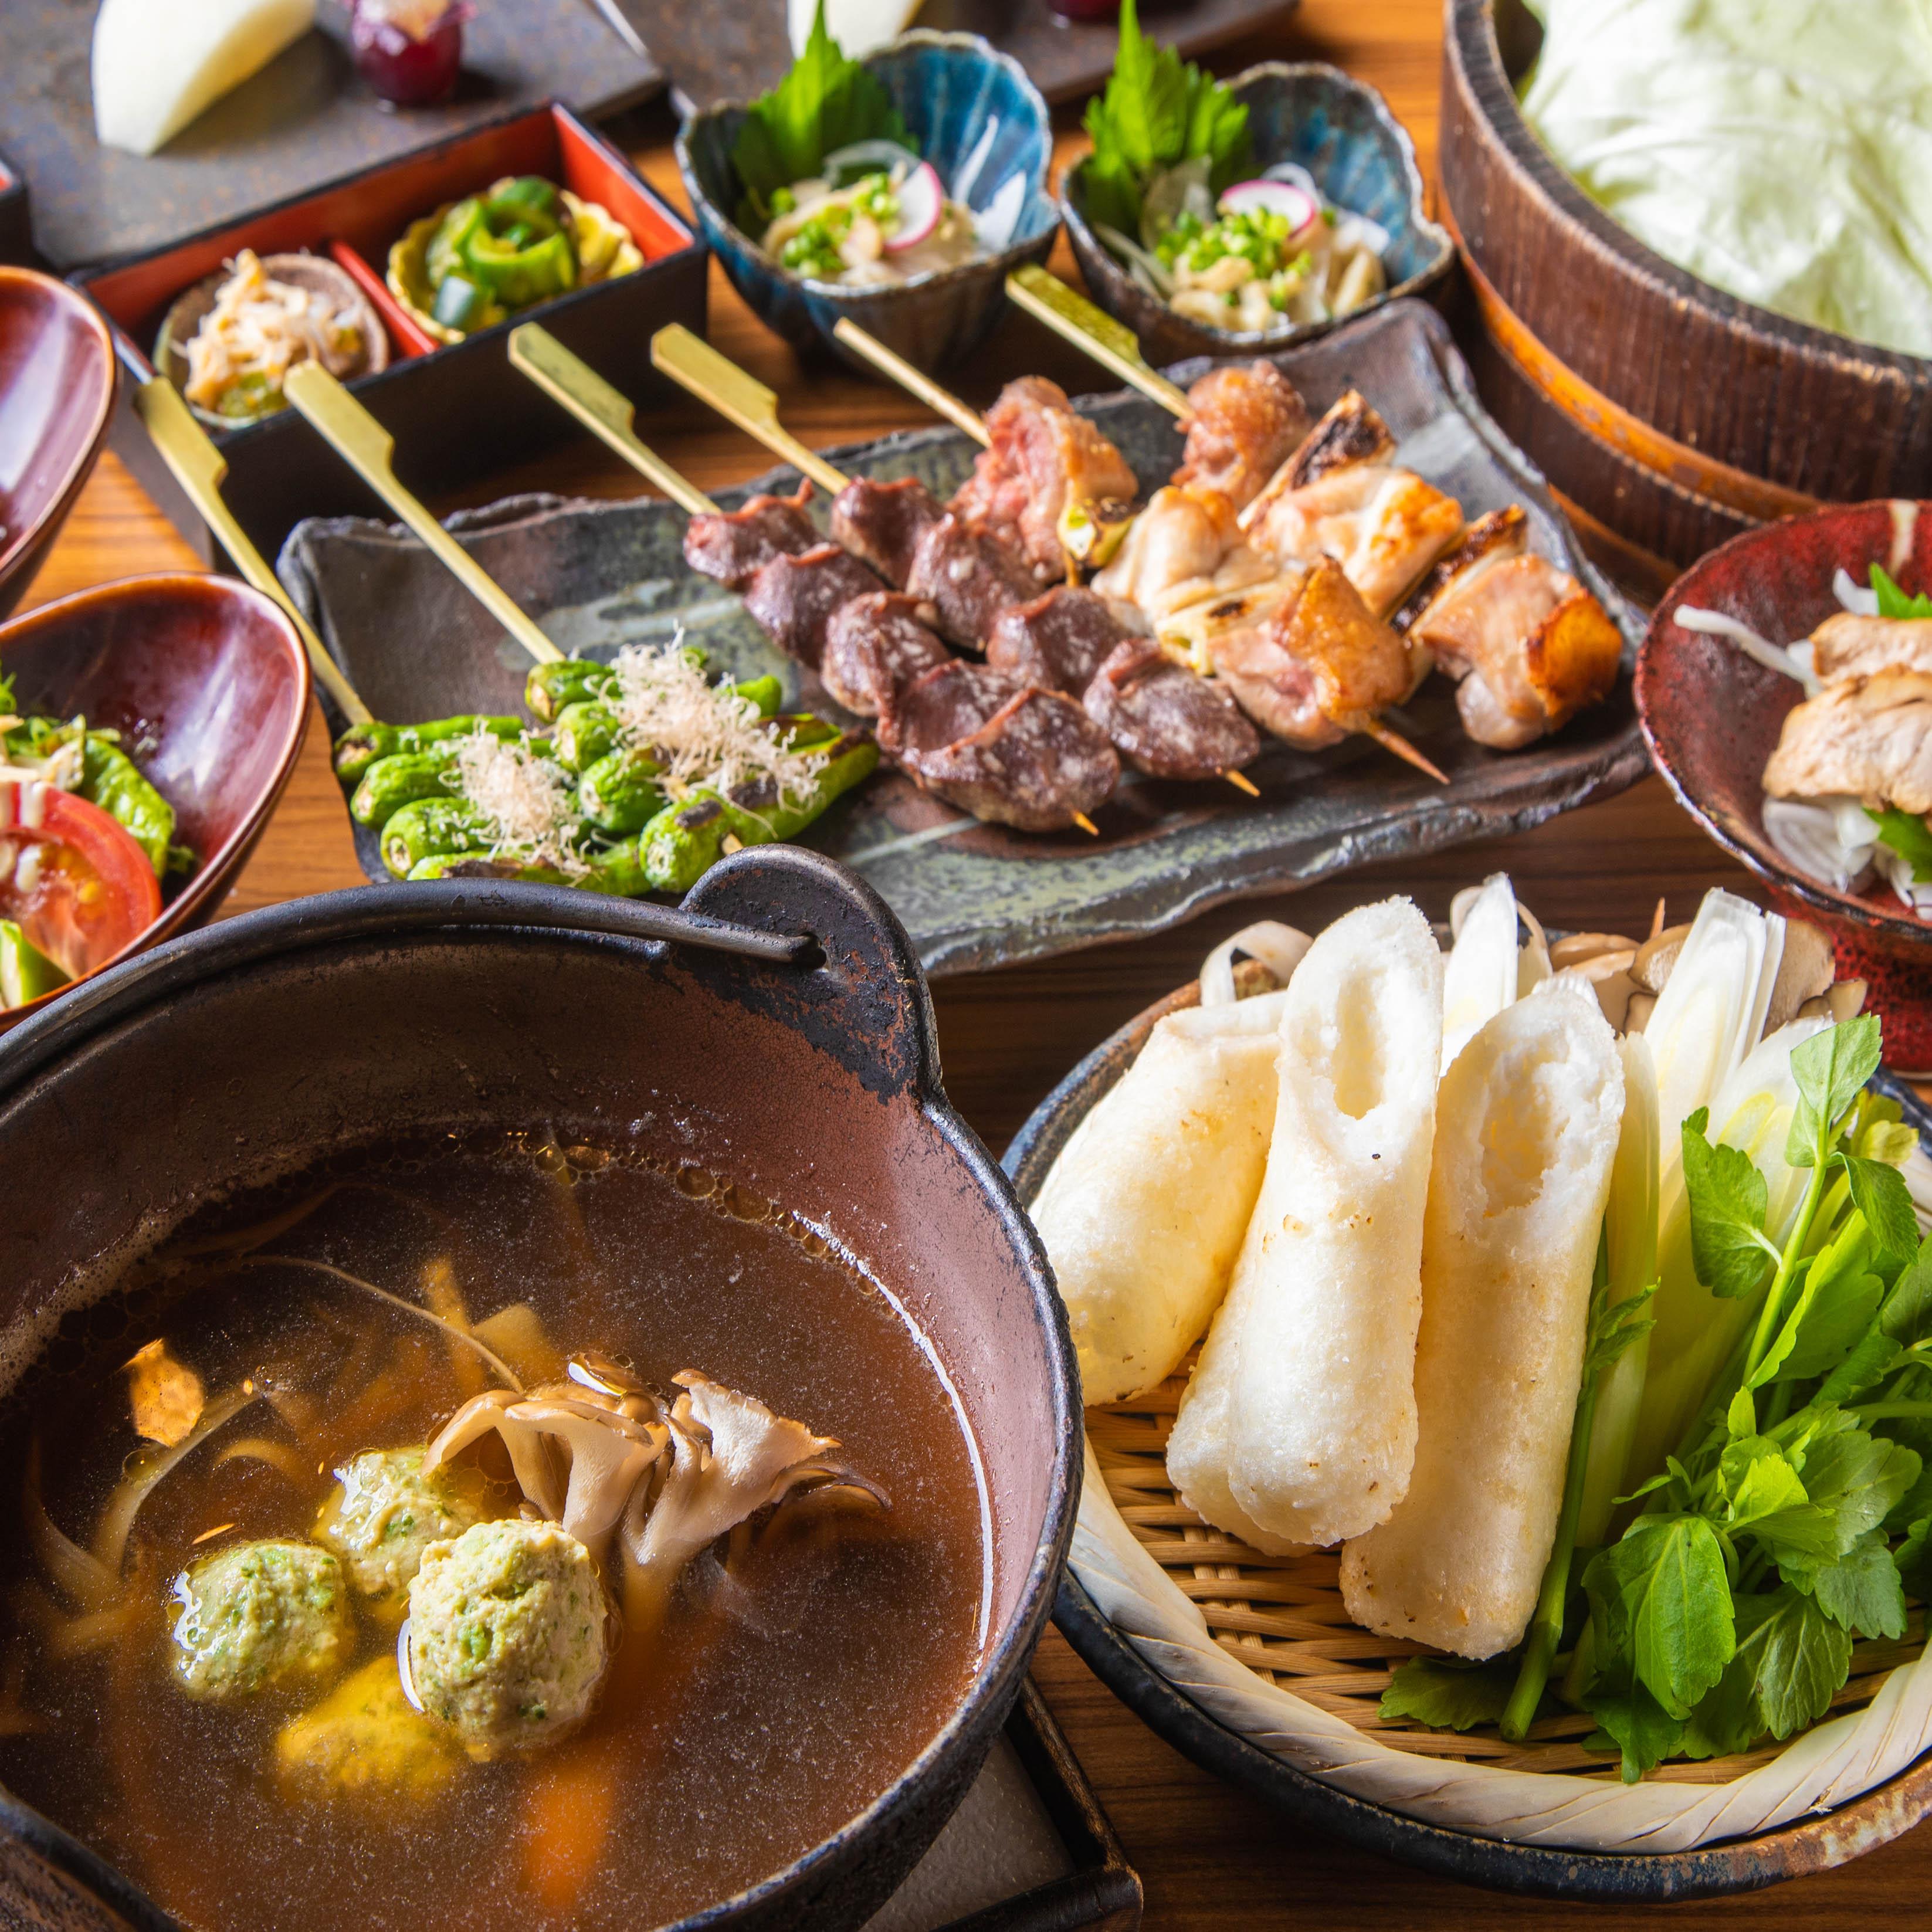 [お料理のみ] ≪お料理のみ≫比内地鶏と秋田名物きりたんぽ鍋コース 10品